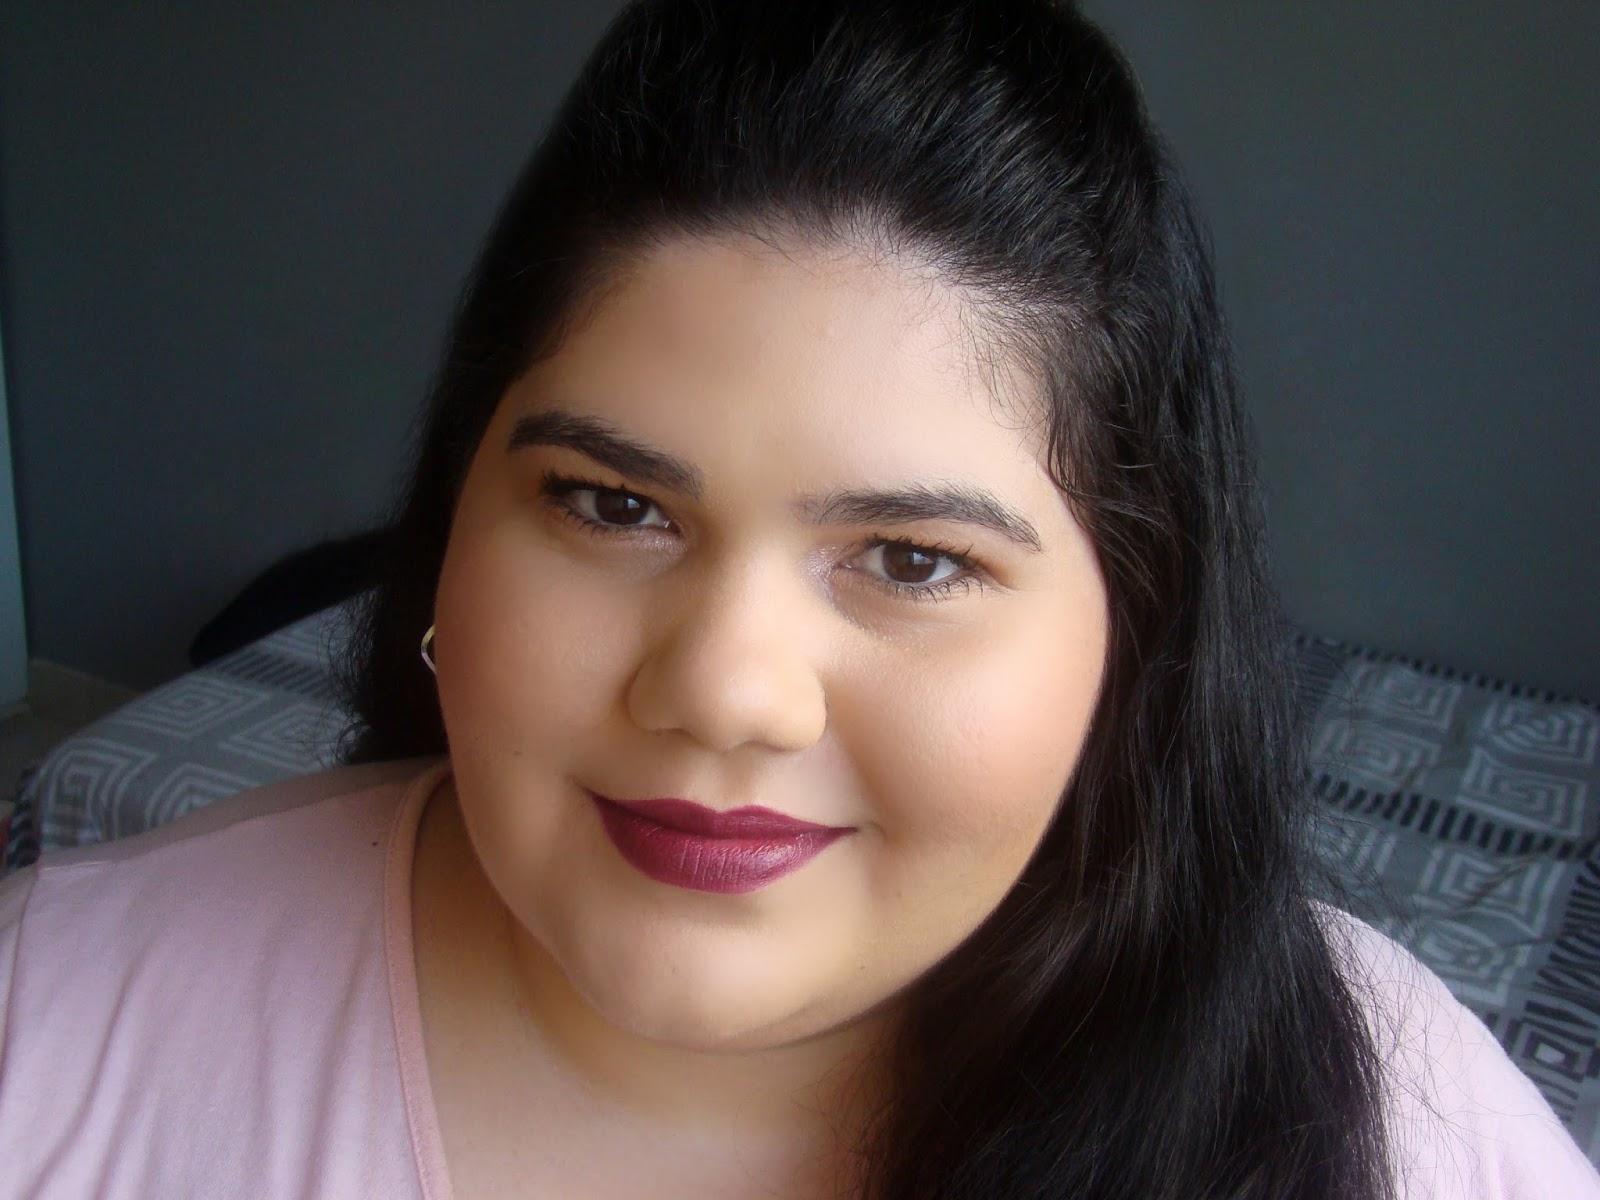 Batons Favorito cor vinho tinto make b o boticário maquiagem makeup lipstick